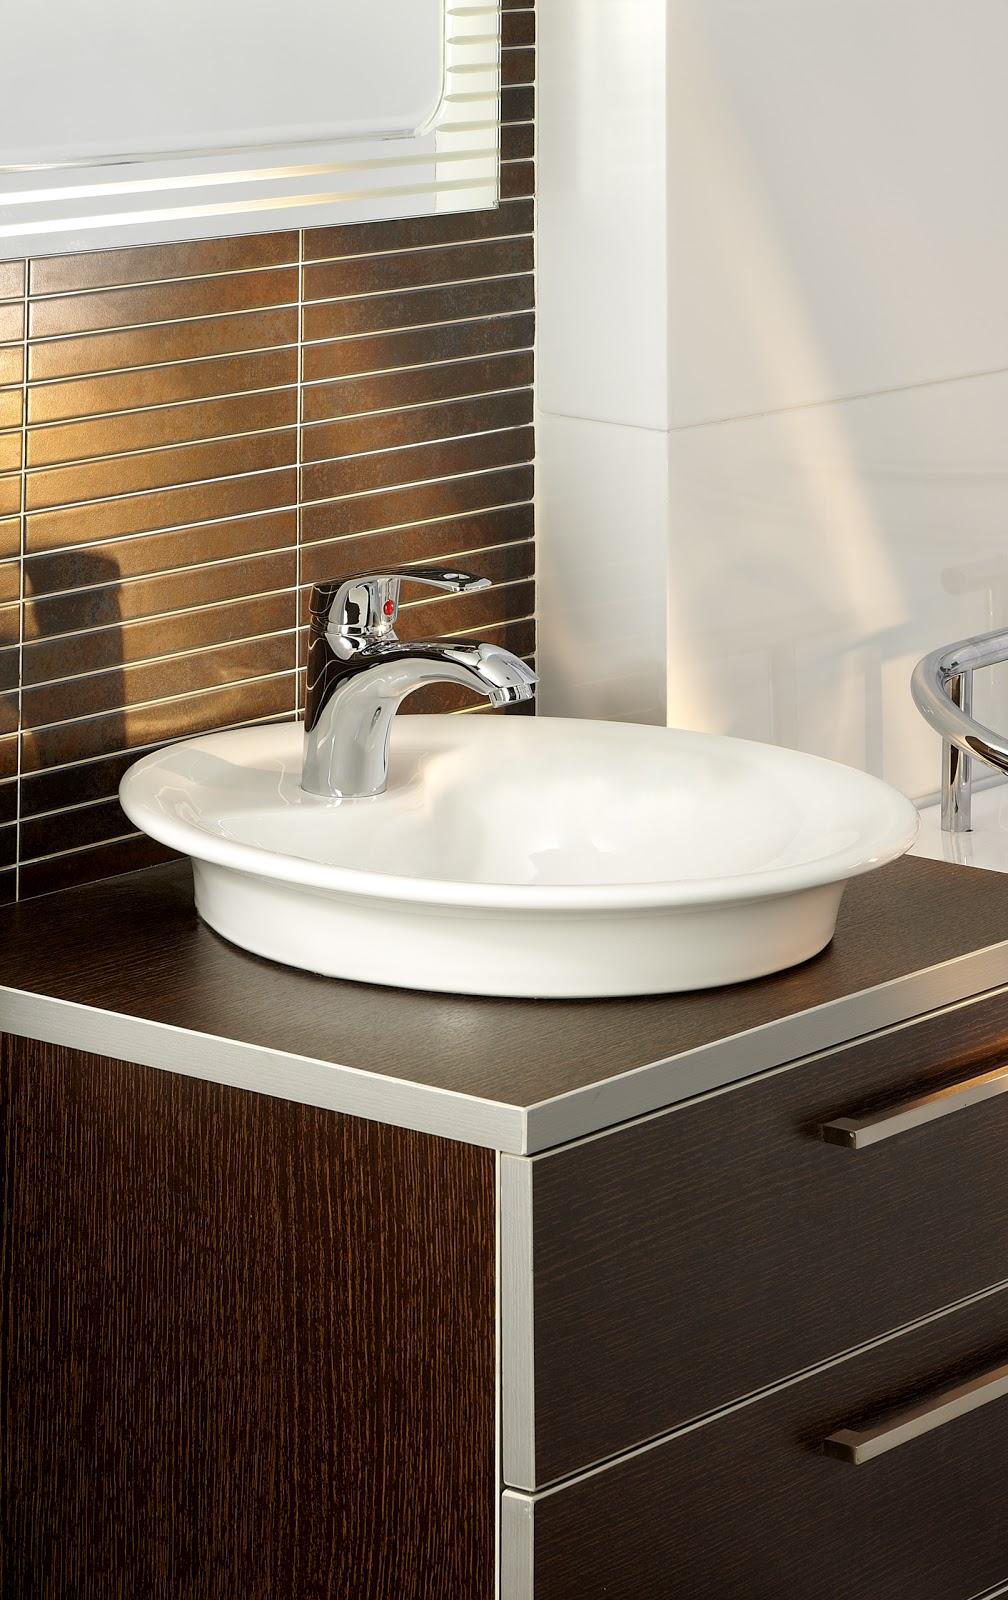 Griferia Para Baño Grival:jueves, 18 de octubre de 2012